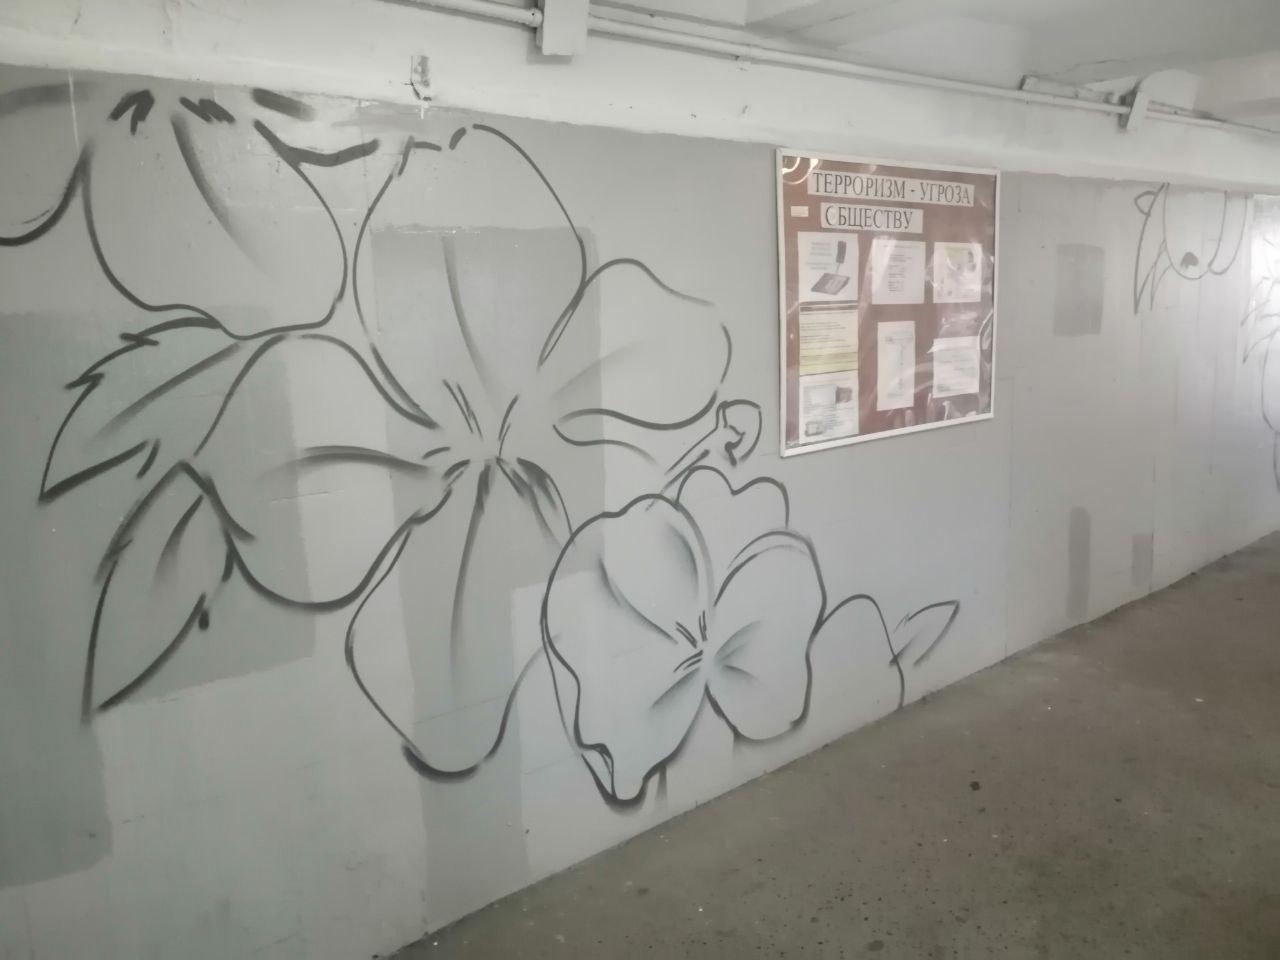 Р' РћРјСЃРєРµ разрисуют подземный переход Сѓ «Яблоньки» #Омск #Общество #Сегодня